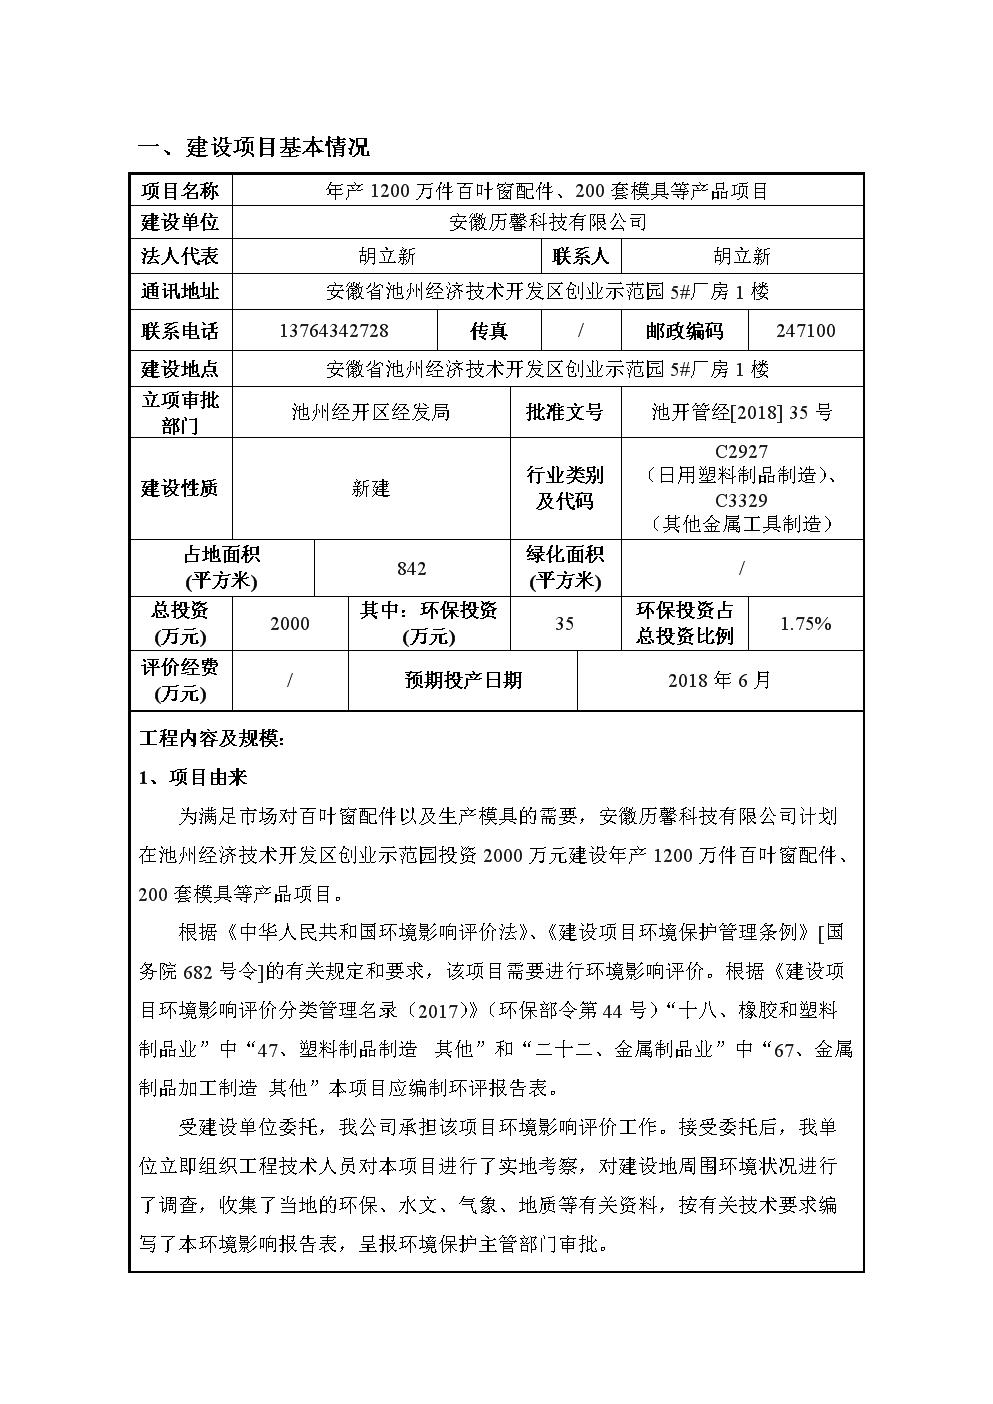 年产百叶窗配件1200万件,模具200套项目(历馨科技)环境影响报告.doc